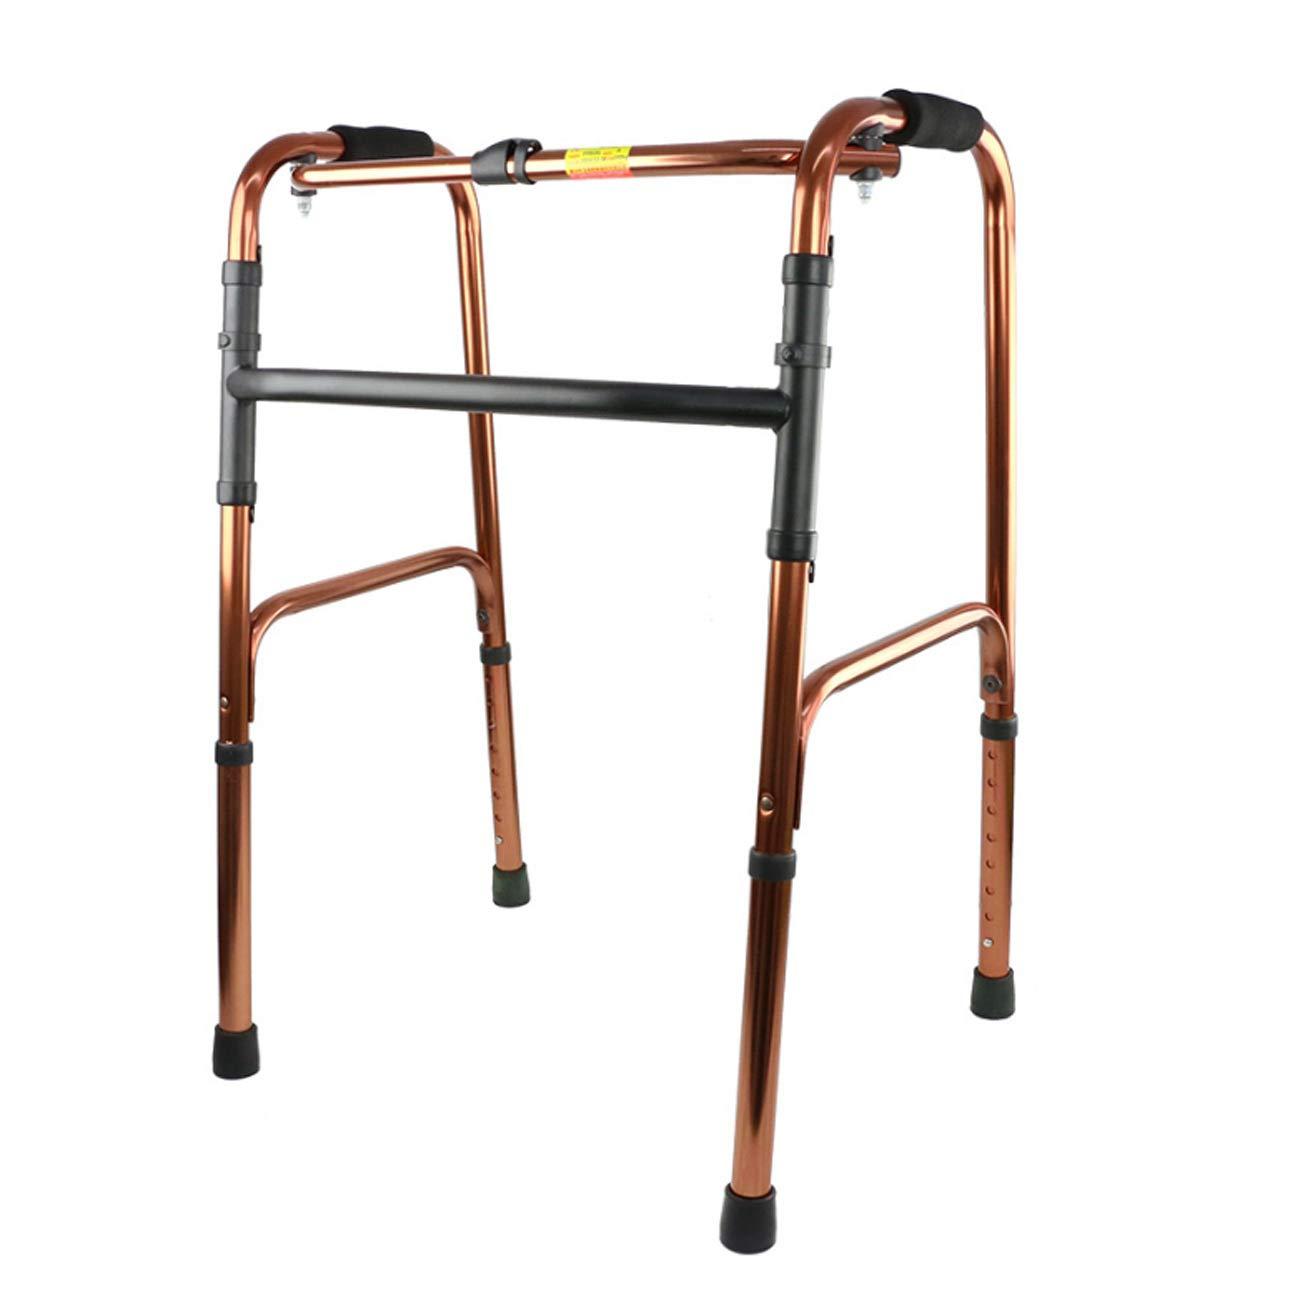 値頃 高齢者歩行器 B07L2KFS5B、アルミニウム合金歩行補助具、容易な折り畳み補助歩行器 B07L2KFS5B, こだわりのアイタイショップ:9ac5f8a0 --- a0267596.xsph.ru